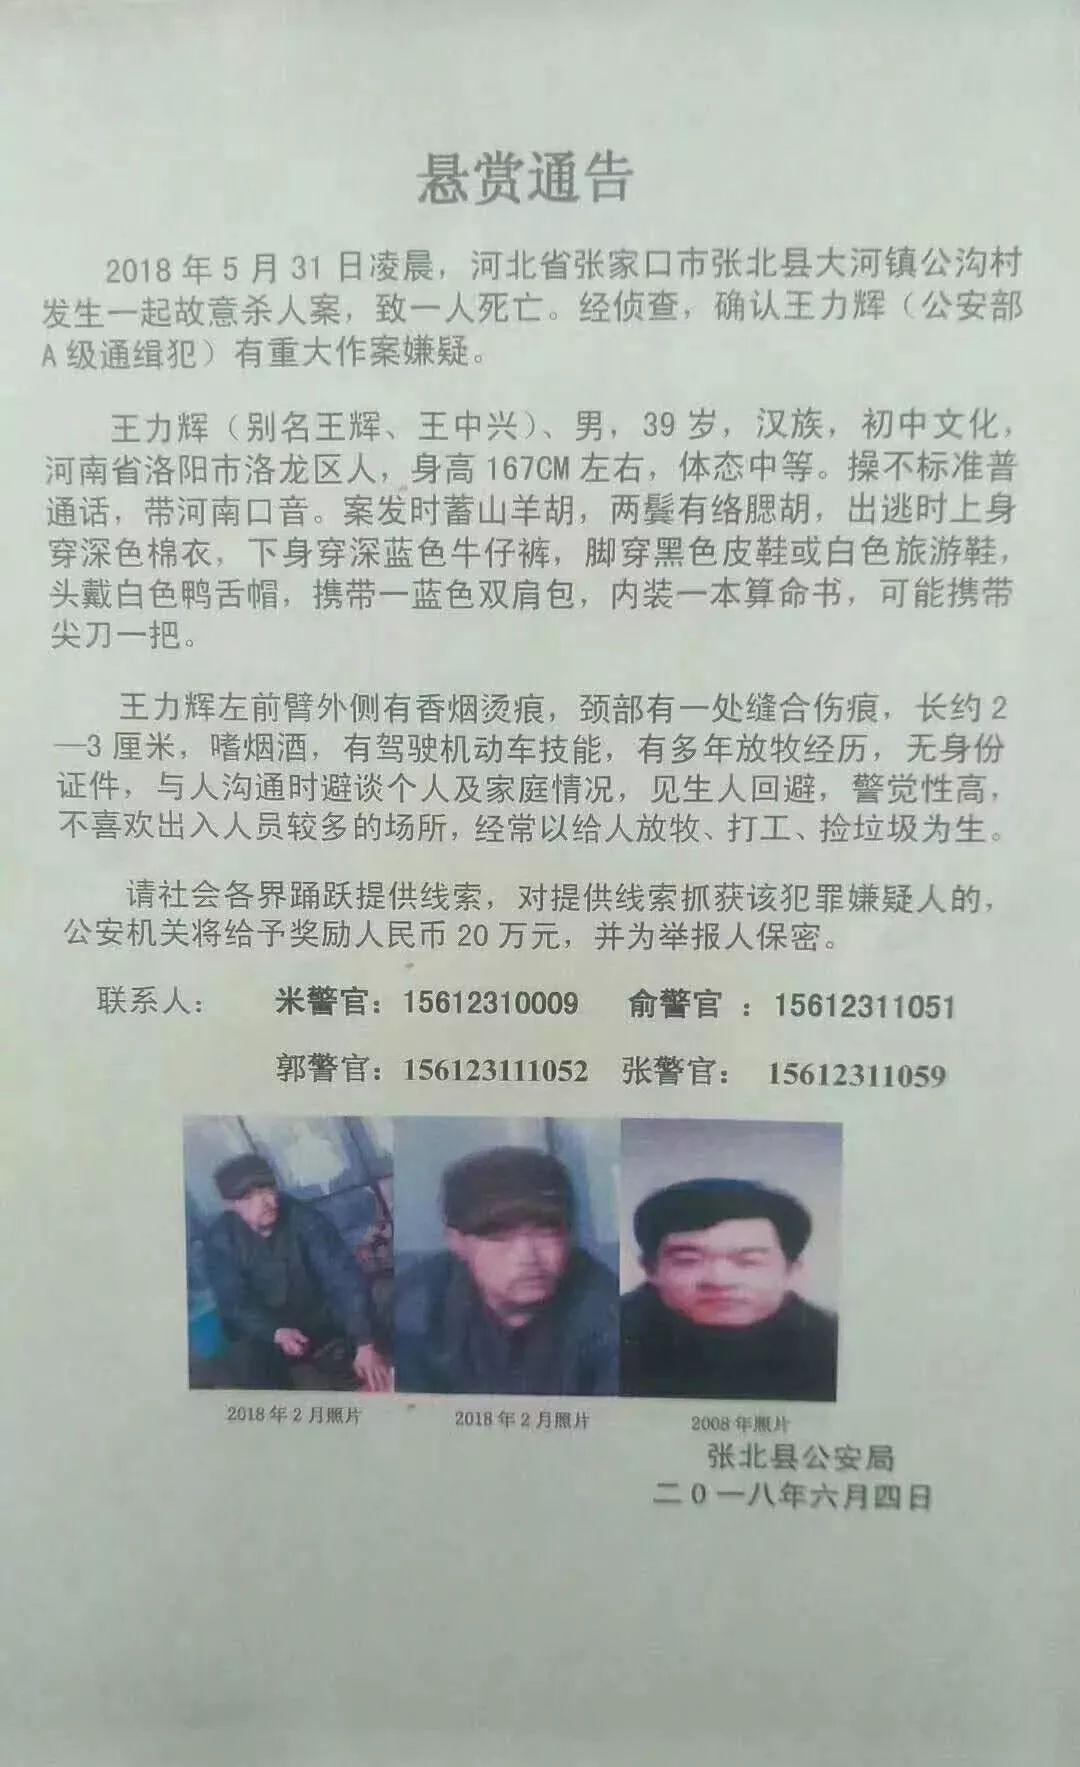 北京快乐八技巧:警方悬赏20万通缉_此人10余年间涉嫌杀害6人